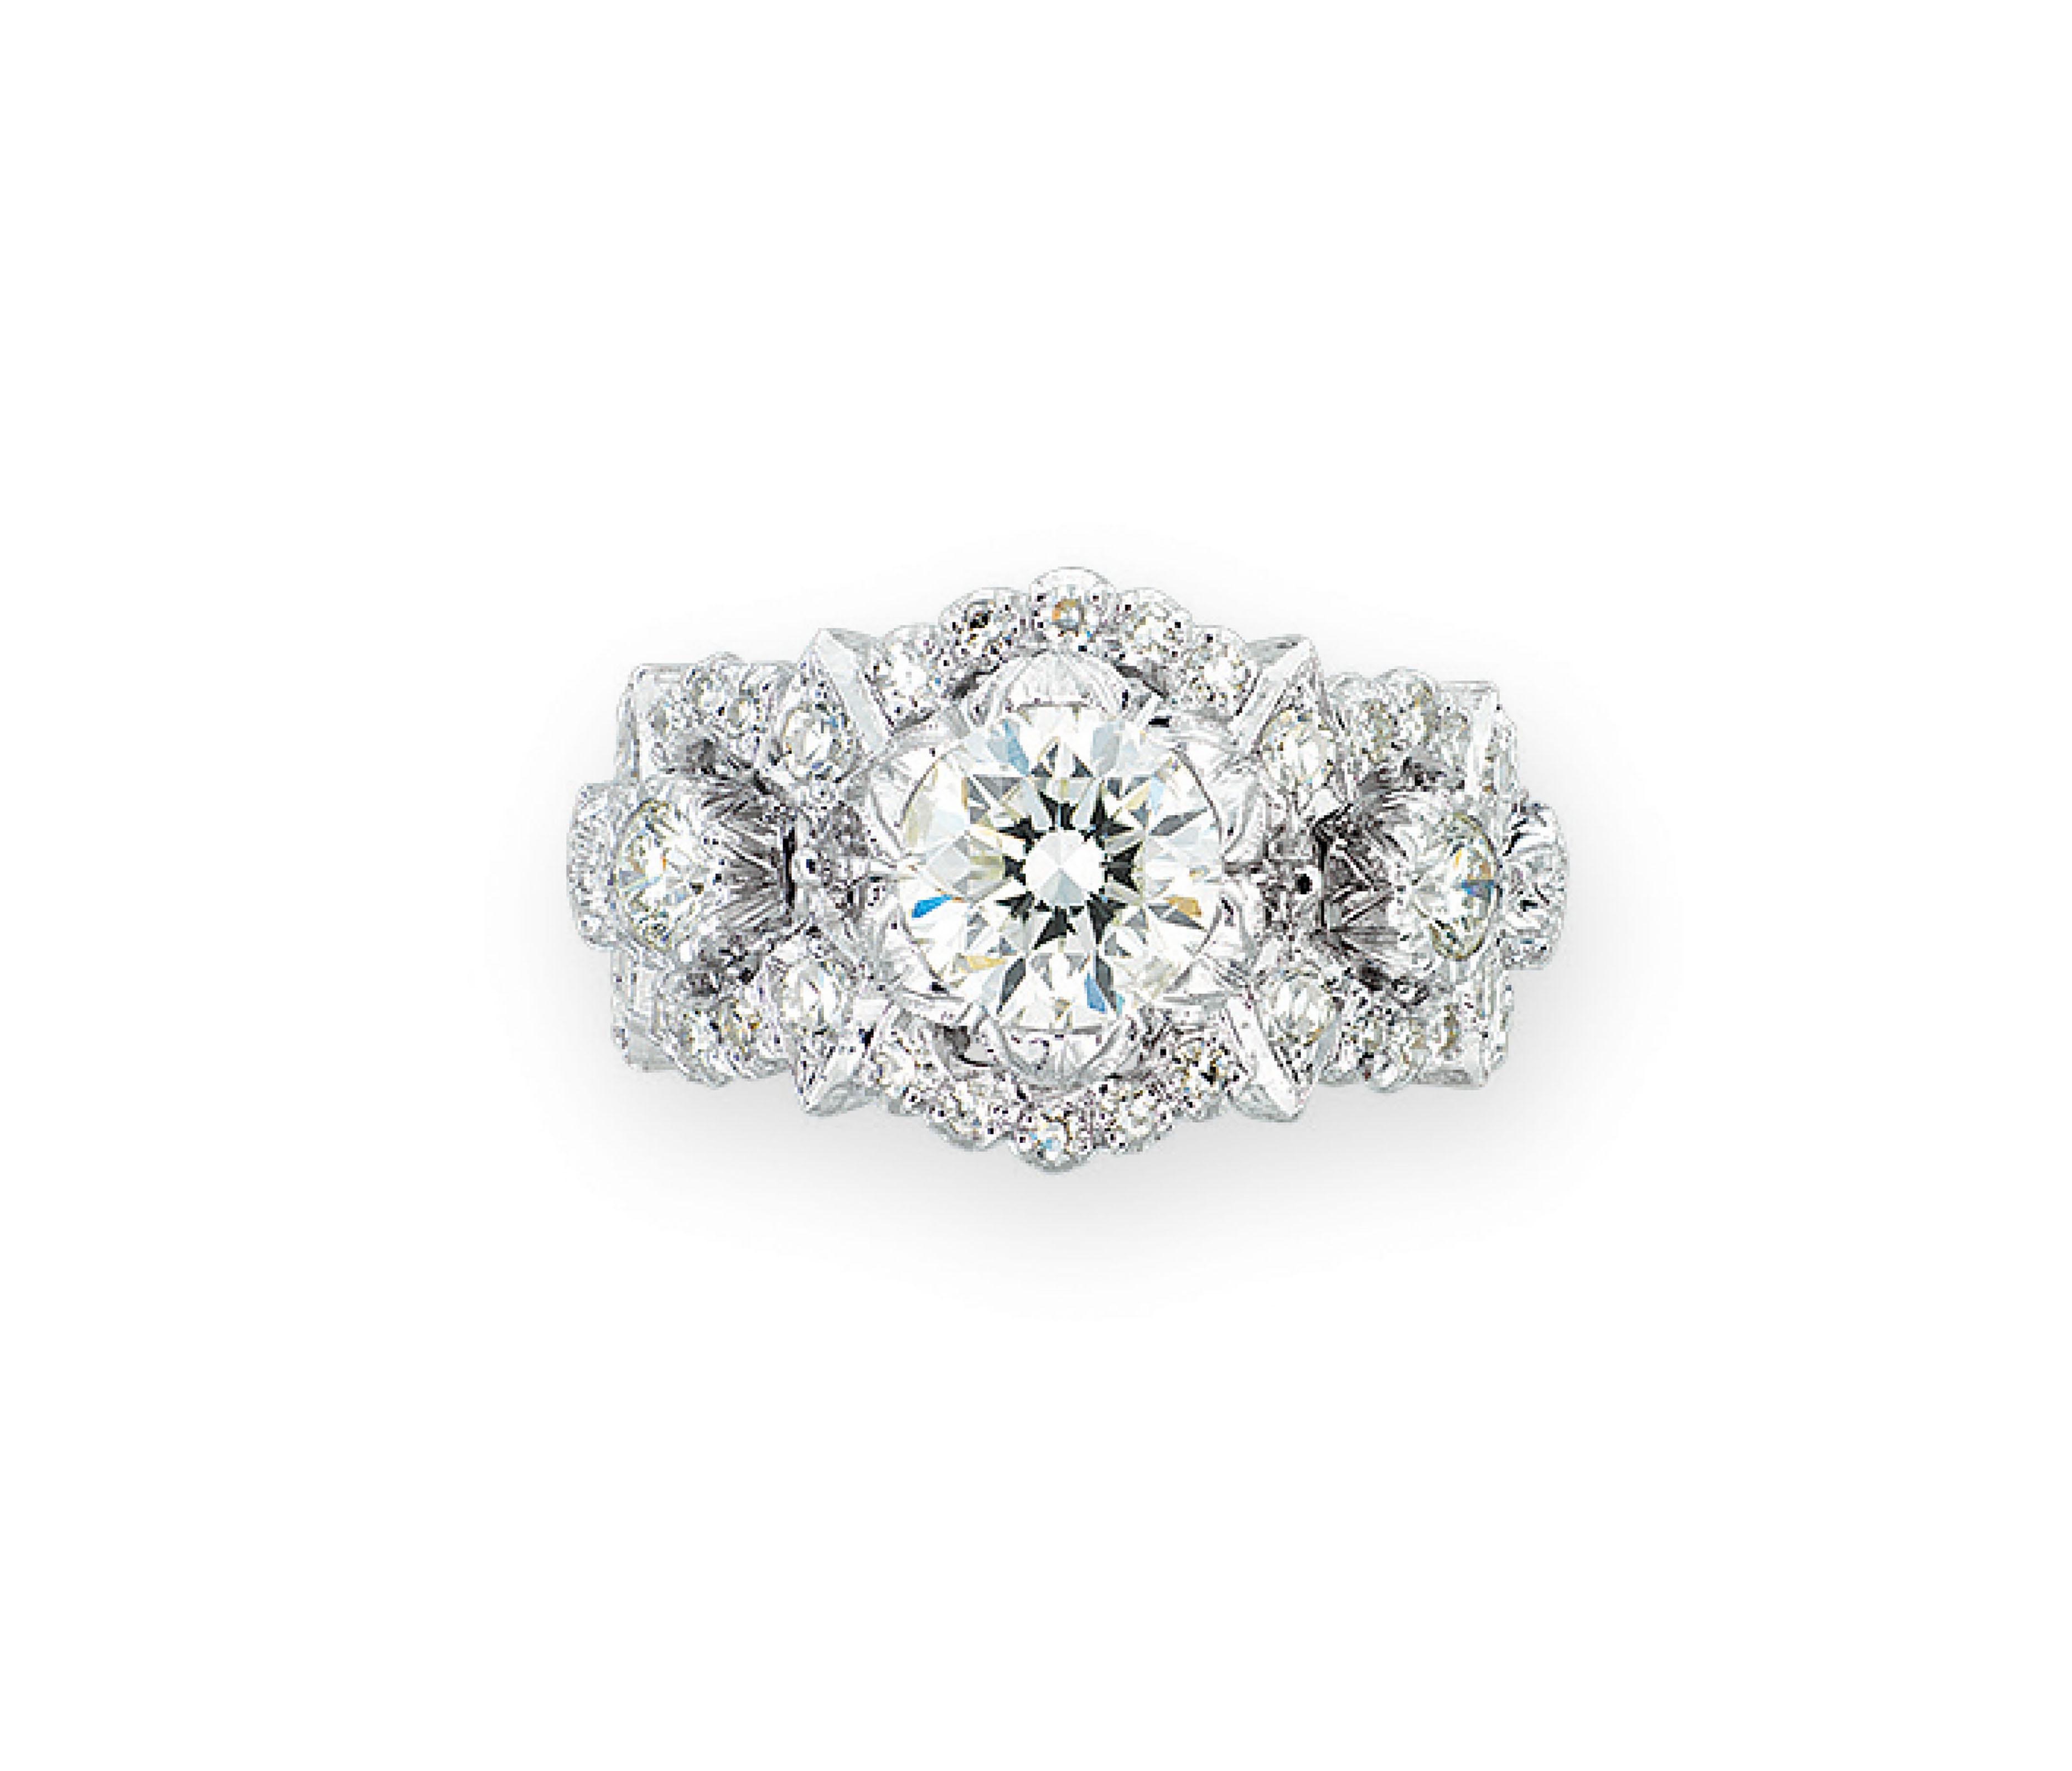 DIAMOND RING, BUCCELLATI